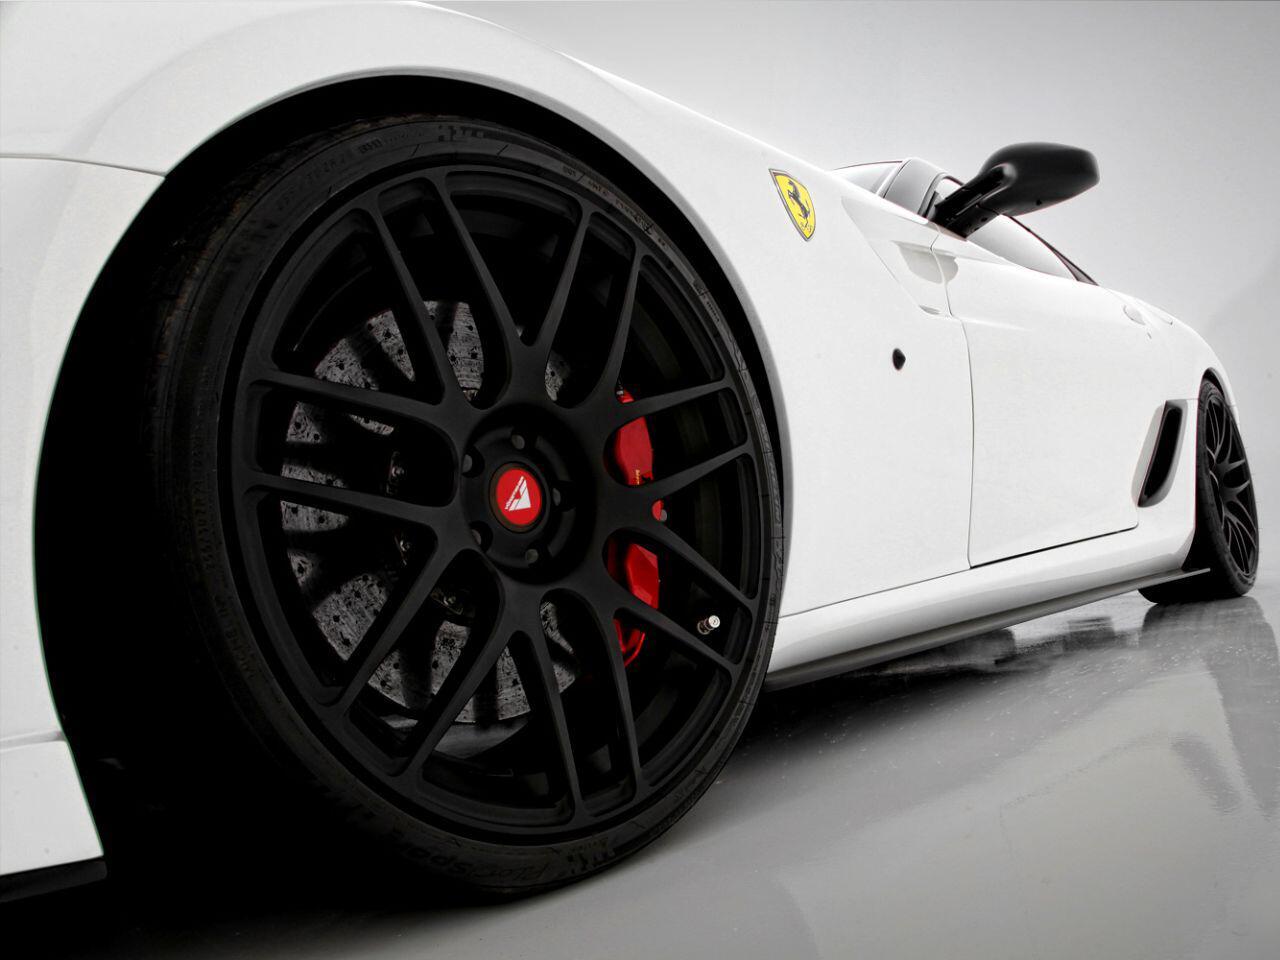 Bild zu Wie kaum ein anderer kann Vorsteiner schöne Autos noch perfektionieren